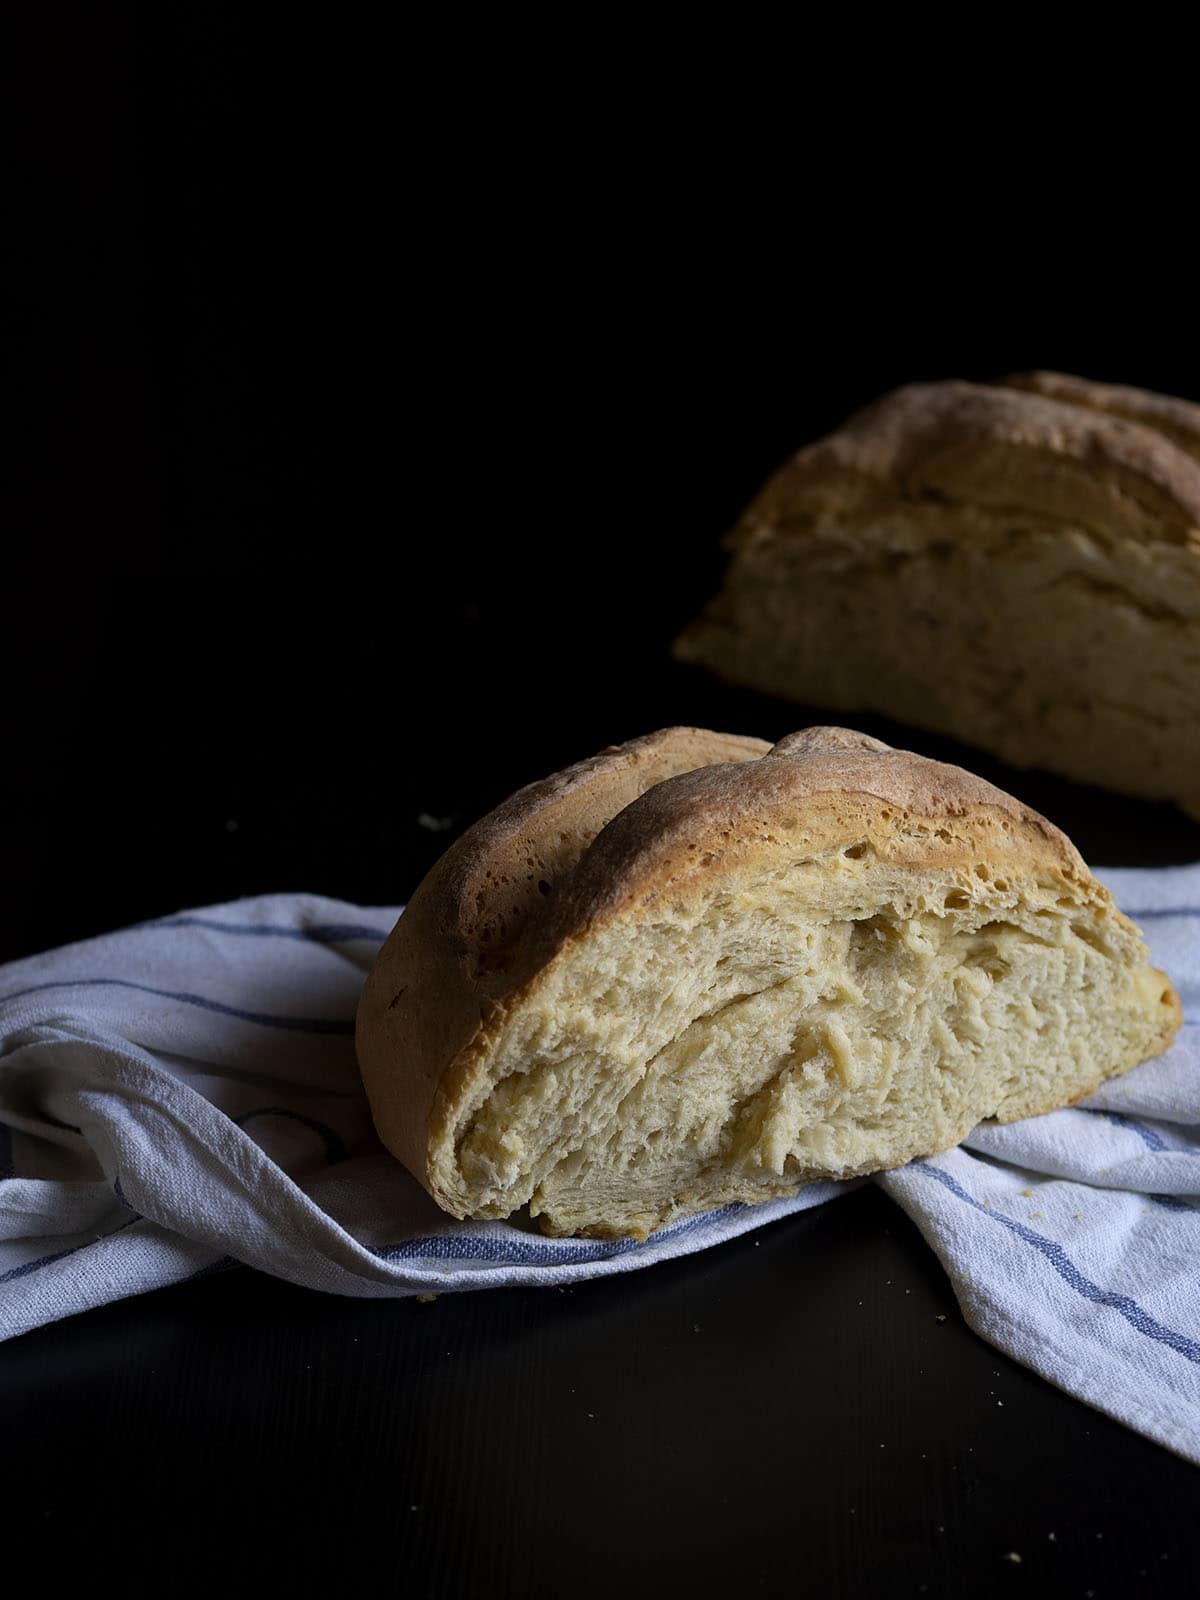 ζυμωτό ψωμί με μαγιά